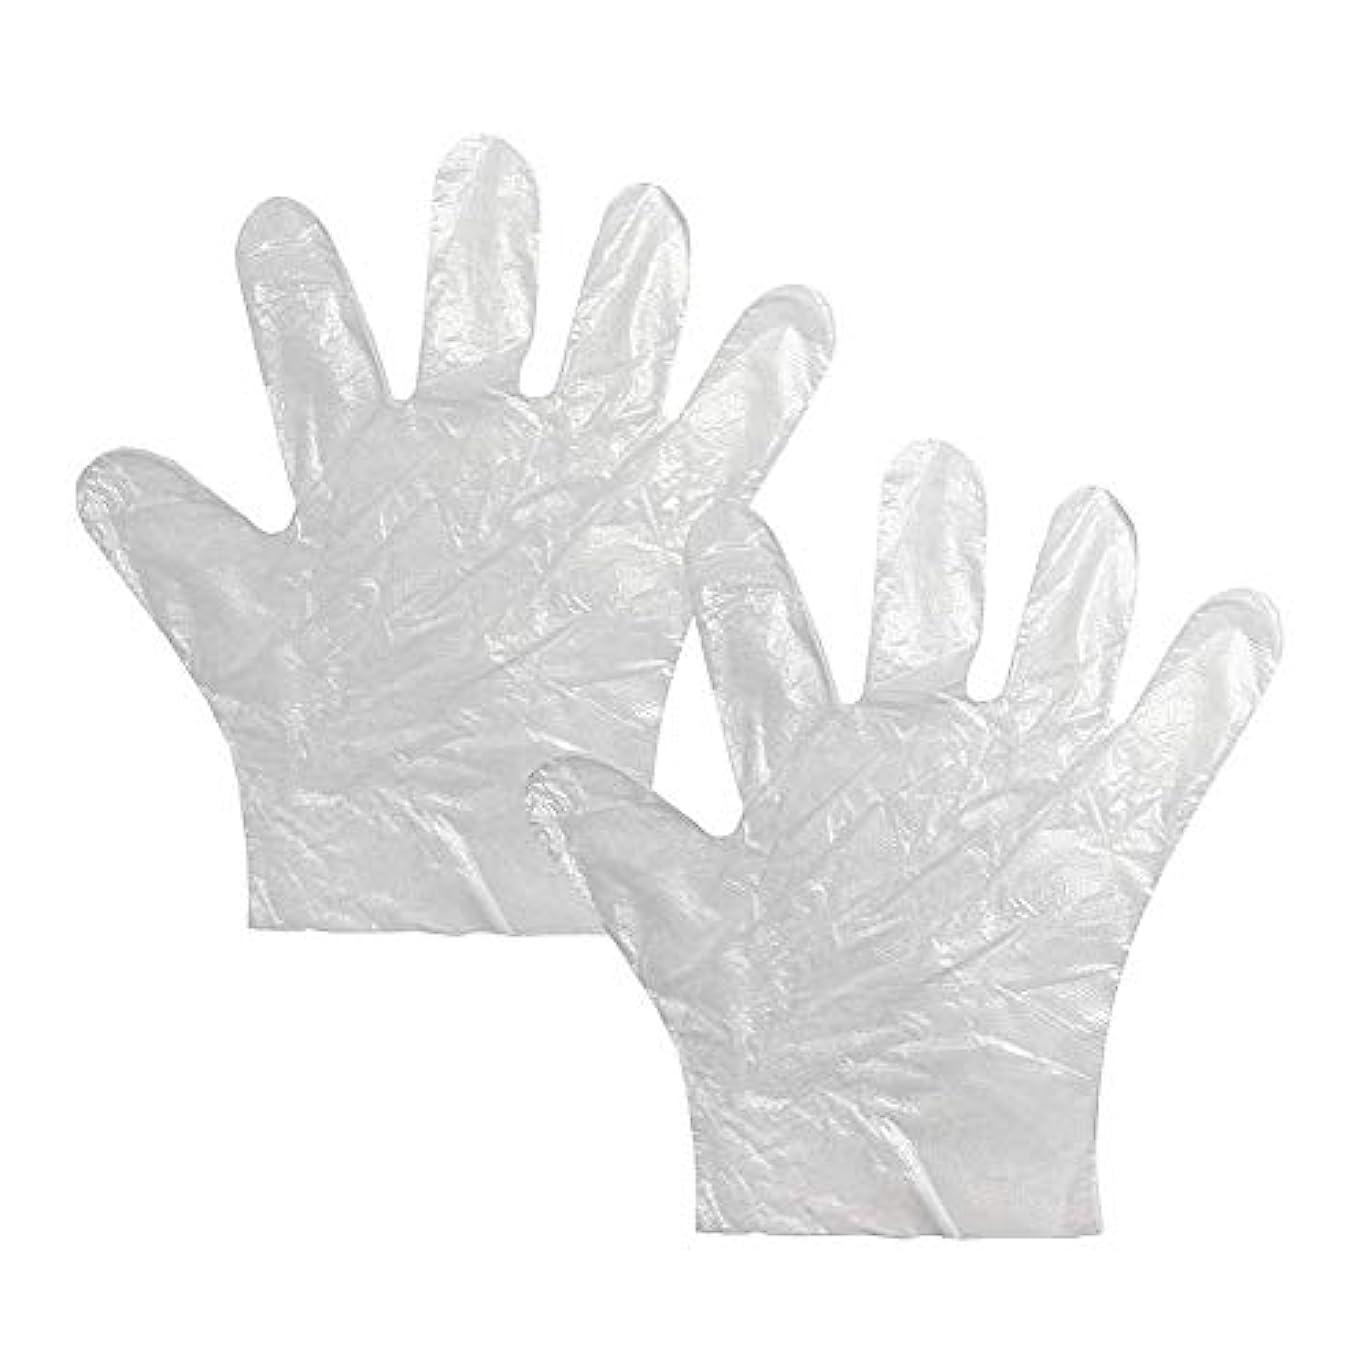 そよ風価格群衆使い捨て手袋 極薄ビニール手袋 耐久性が強い上に軽く高品質 透明100枚*2セット